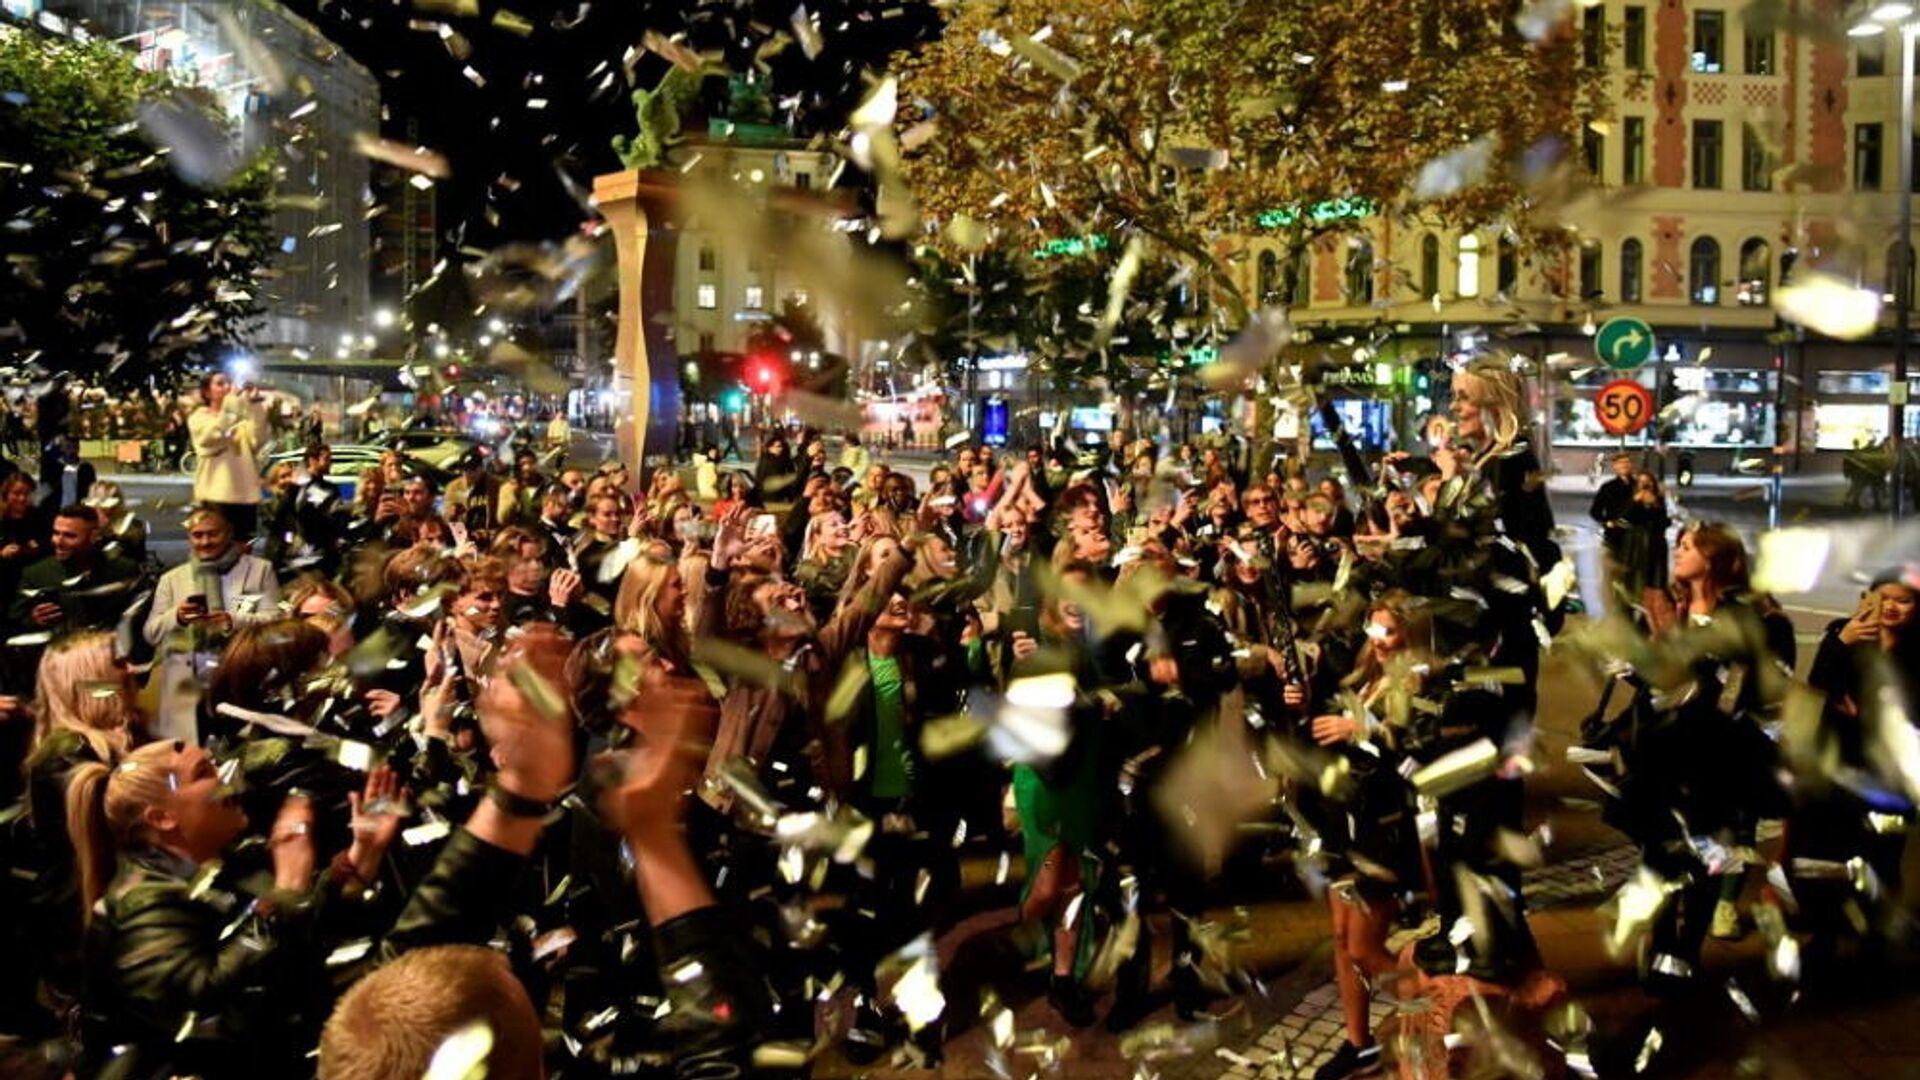 Οι άνθρωποι γιορτάζουν στο κέντρο της Στοκχόλμης το τέλος των περιορισμών για τον κορονοϊό που υιοθέτησε η σουηδική κυβέρνηση, 29 Σεπτεμβρίου 2021 - Sputnik Ελλάδα, 1920, 02.10.2021